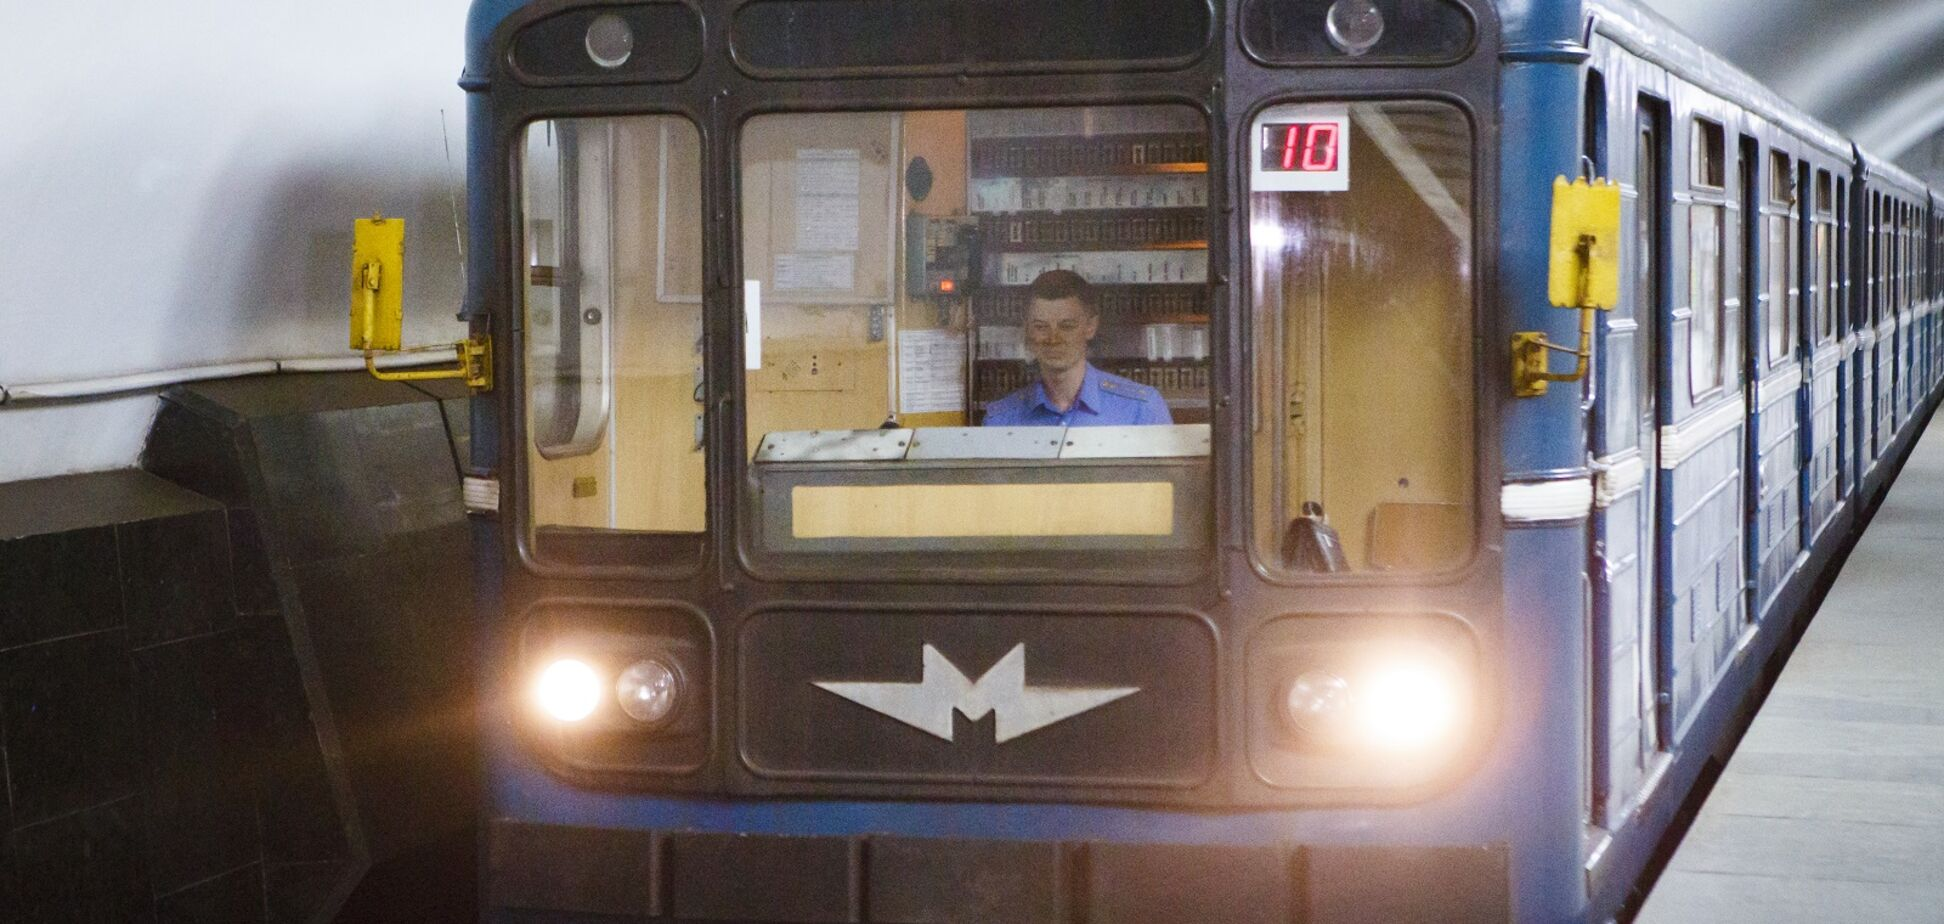 Светличная назвала сроки строительства метро в Харькове